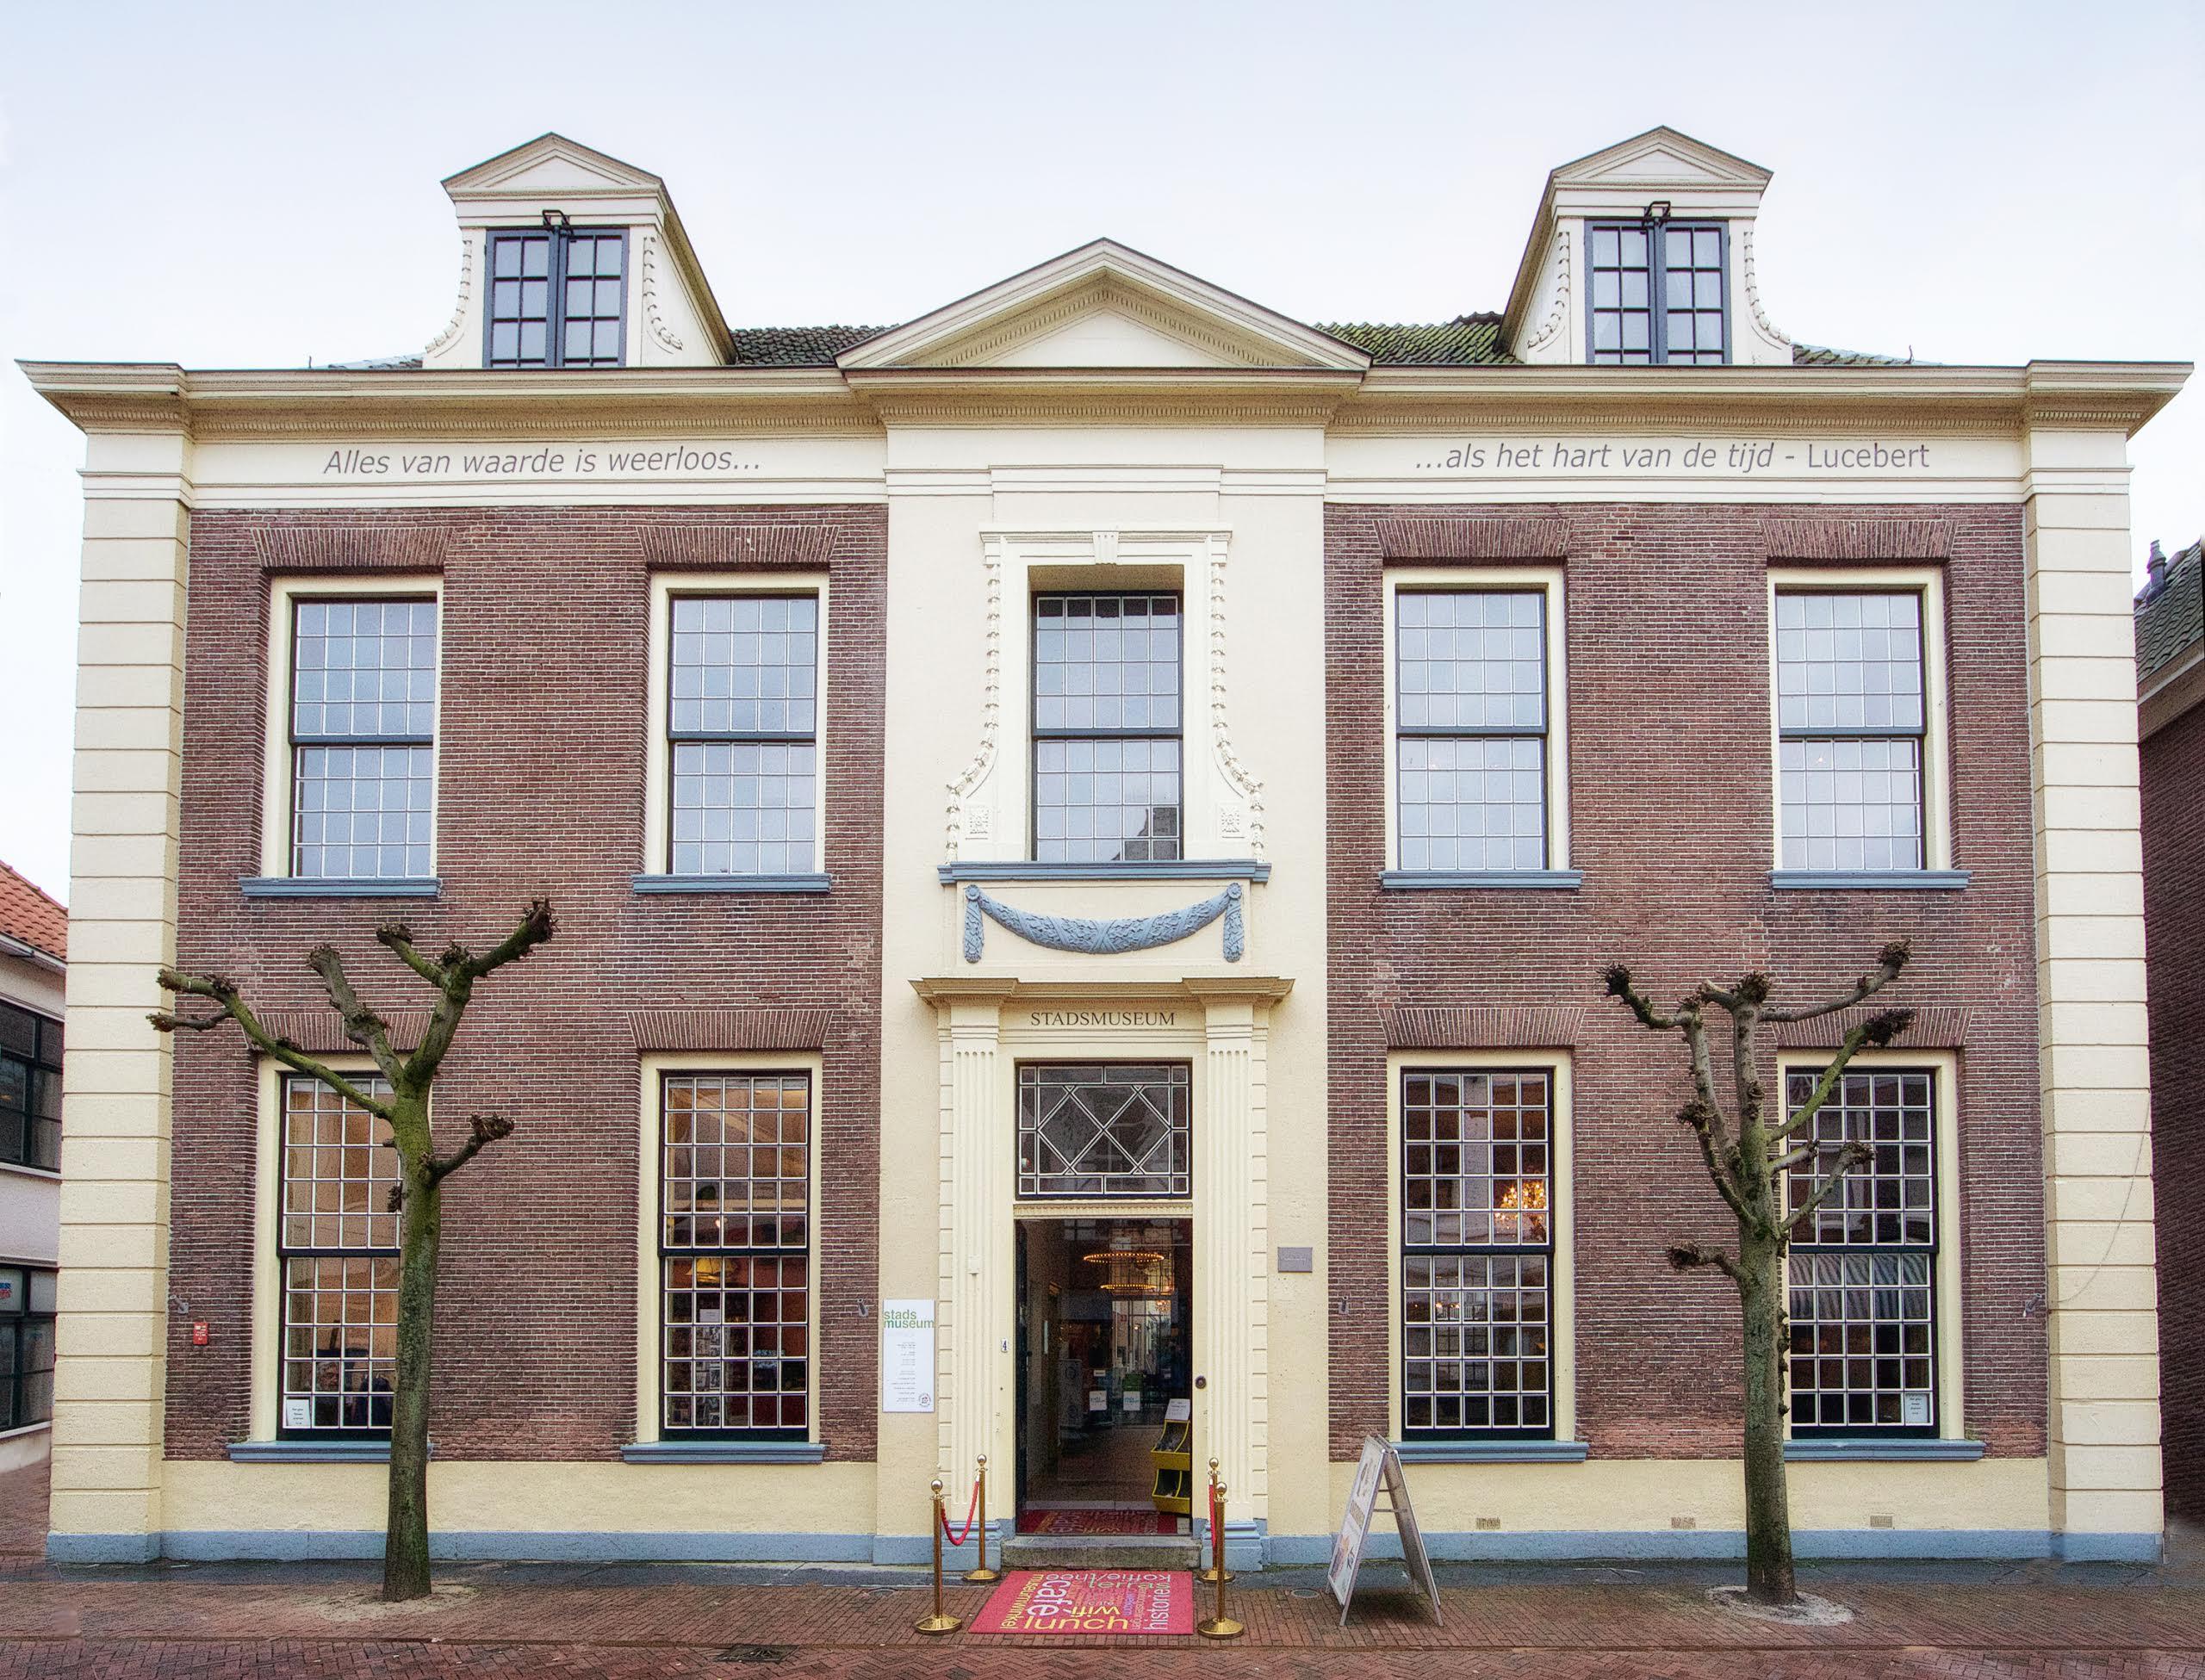 stadsmuseum-harderwijk-alles-van-waarde-is-weerloos